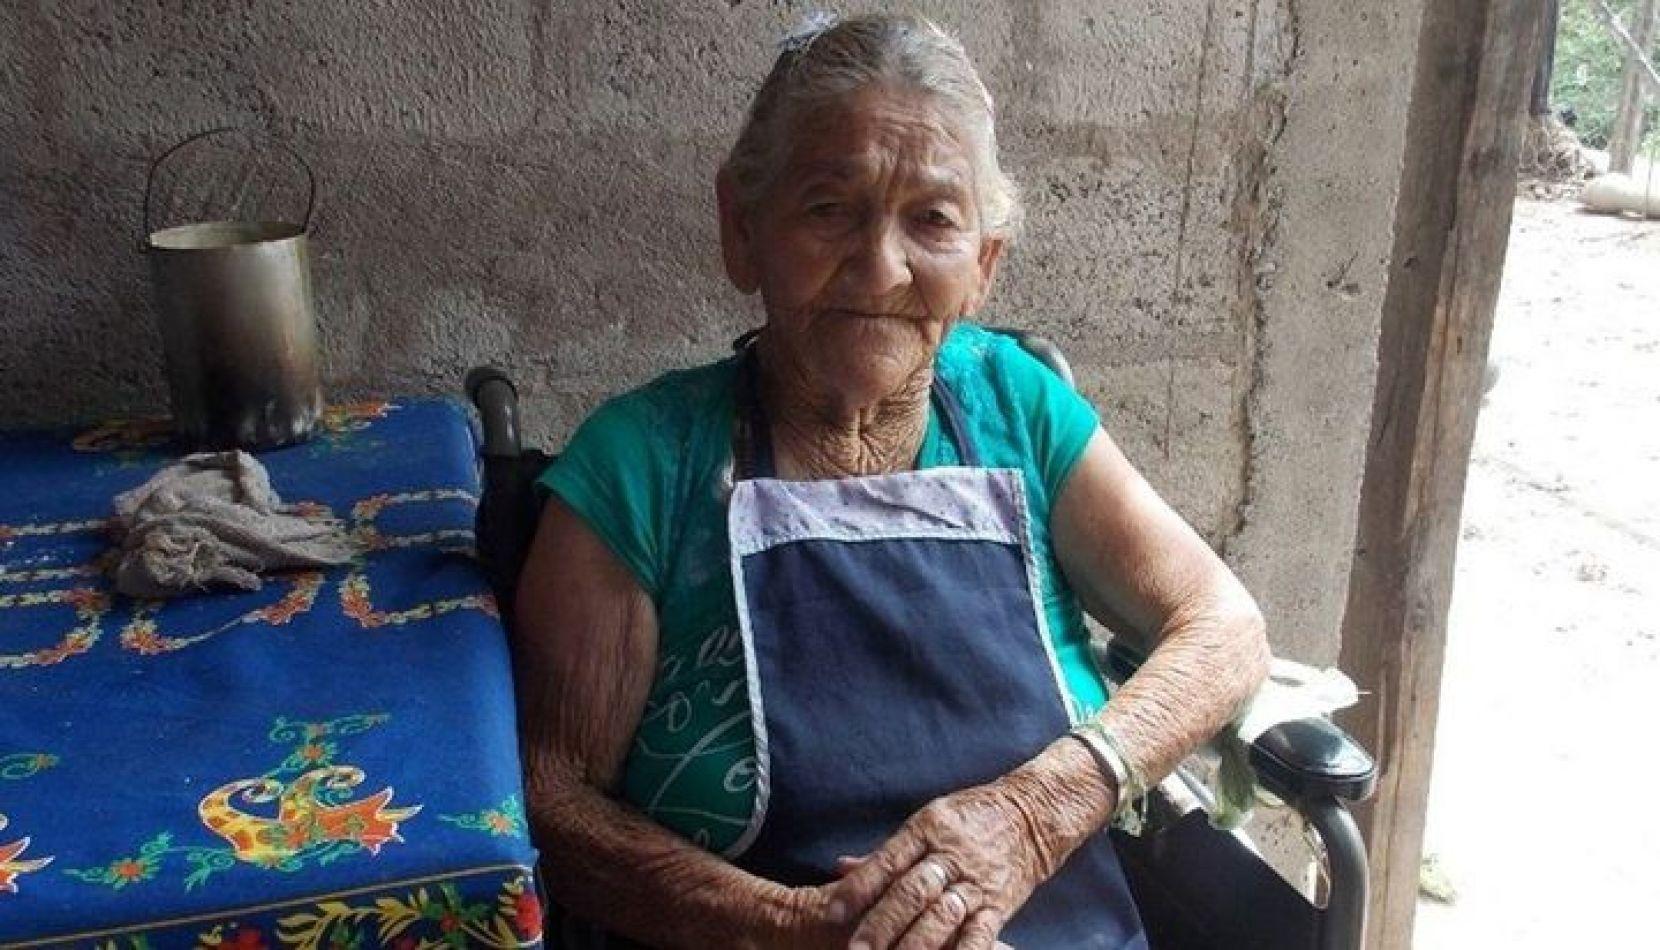 La abuela Felisa cumplió 103 años según el documento, pero tiene 110